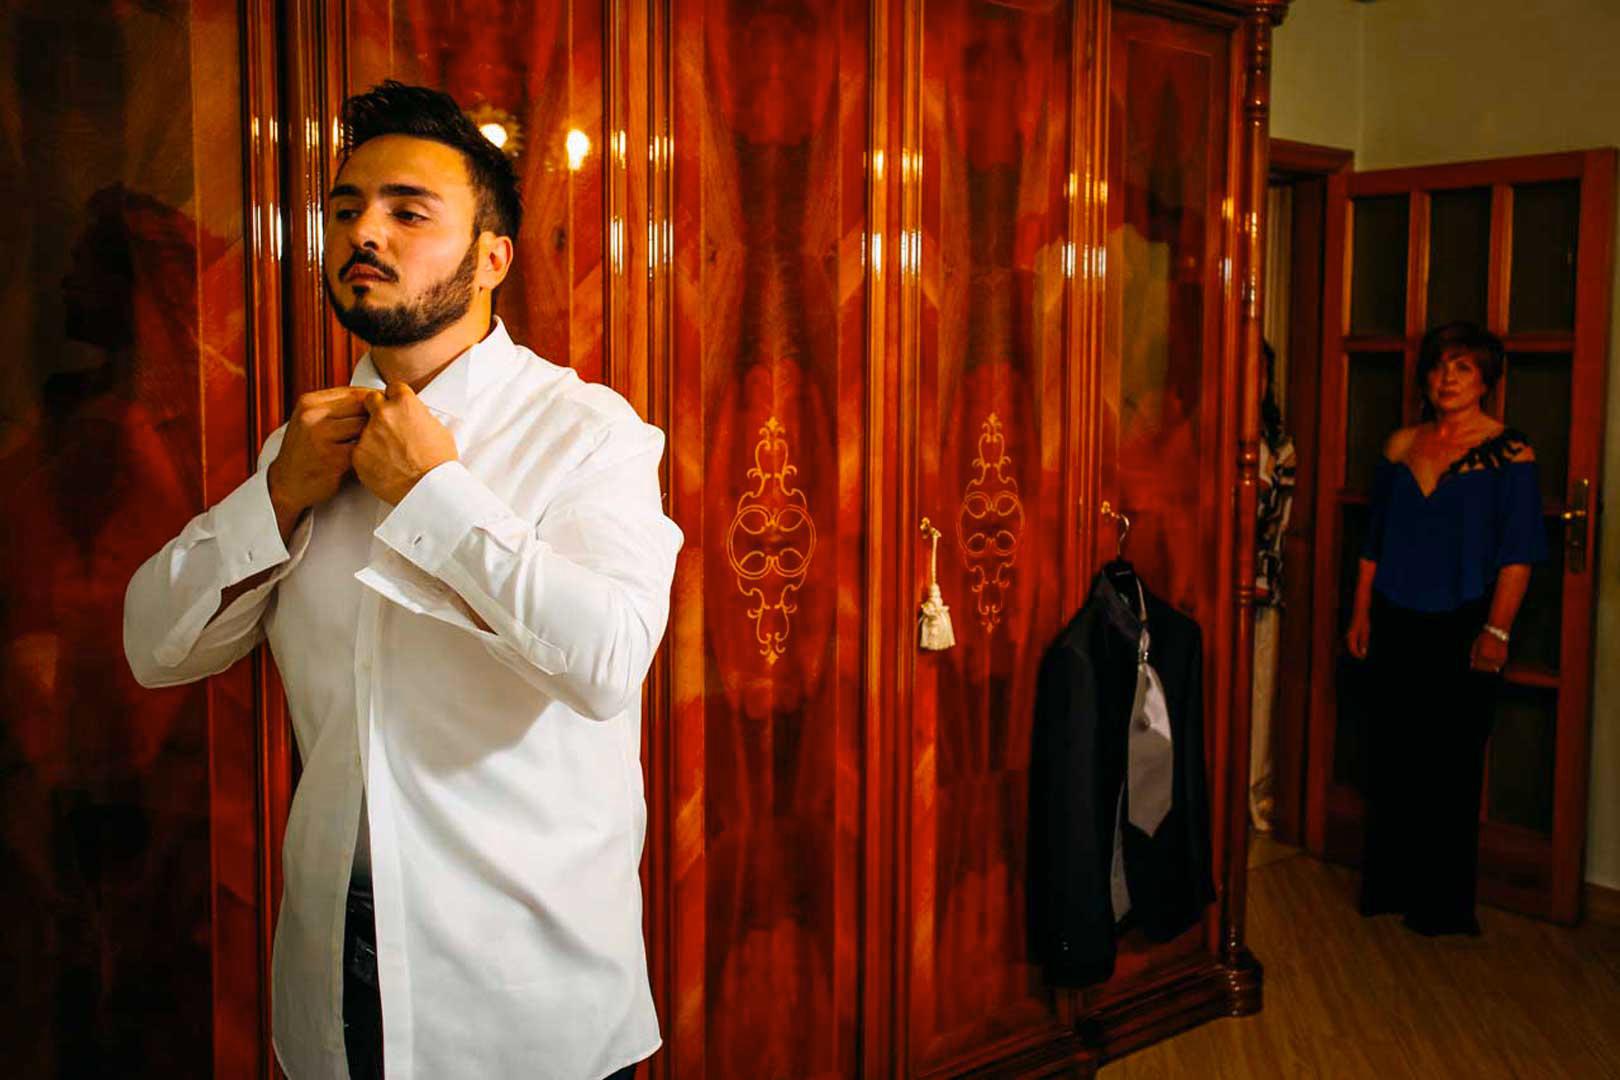 002-vestizione-sposo-gianni-lepore-wedding-photographer